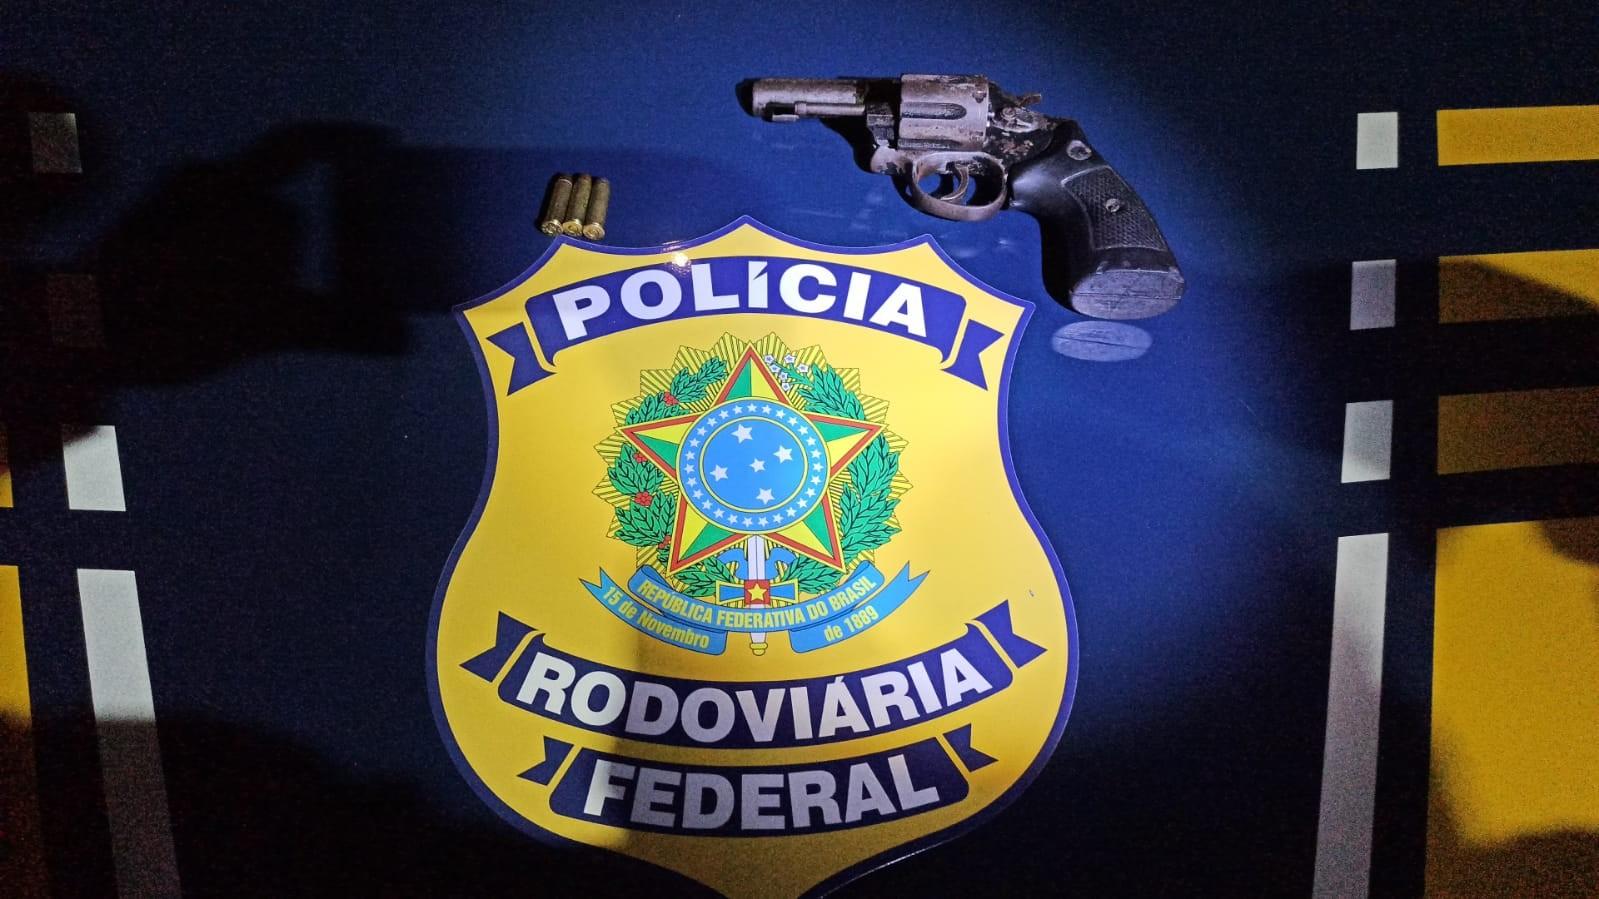 Homem é flagrado com revólver em carro abordado na Via Dutra, em Itatiaia